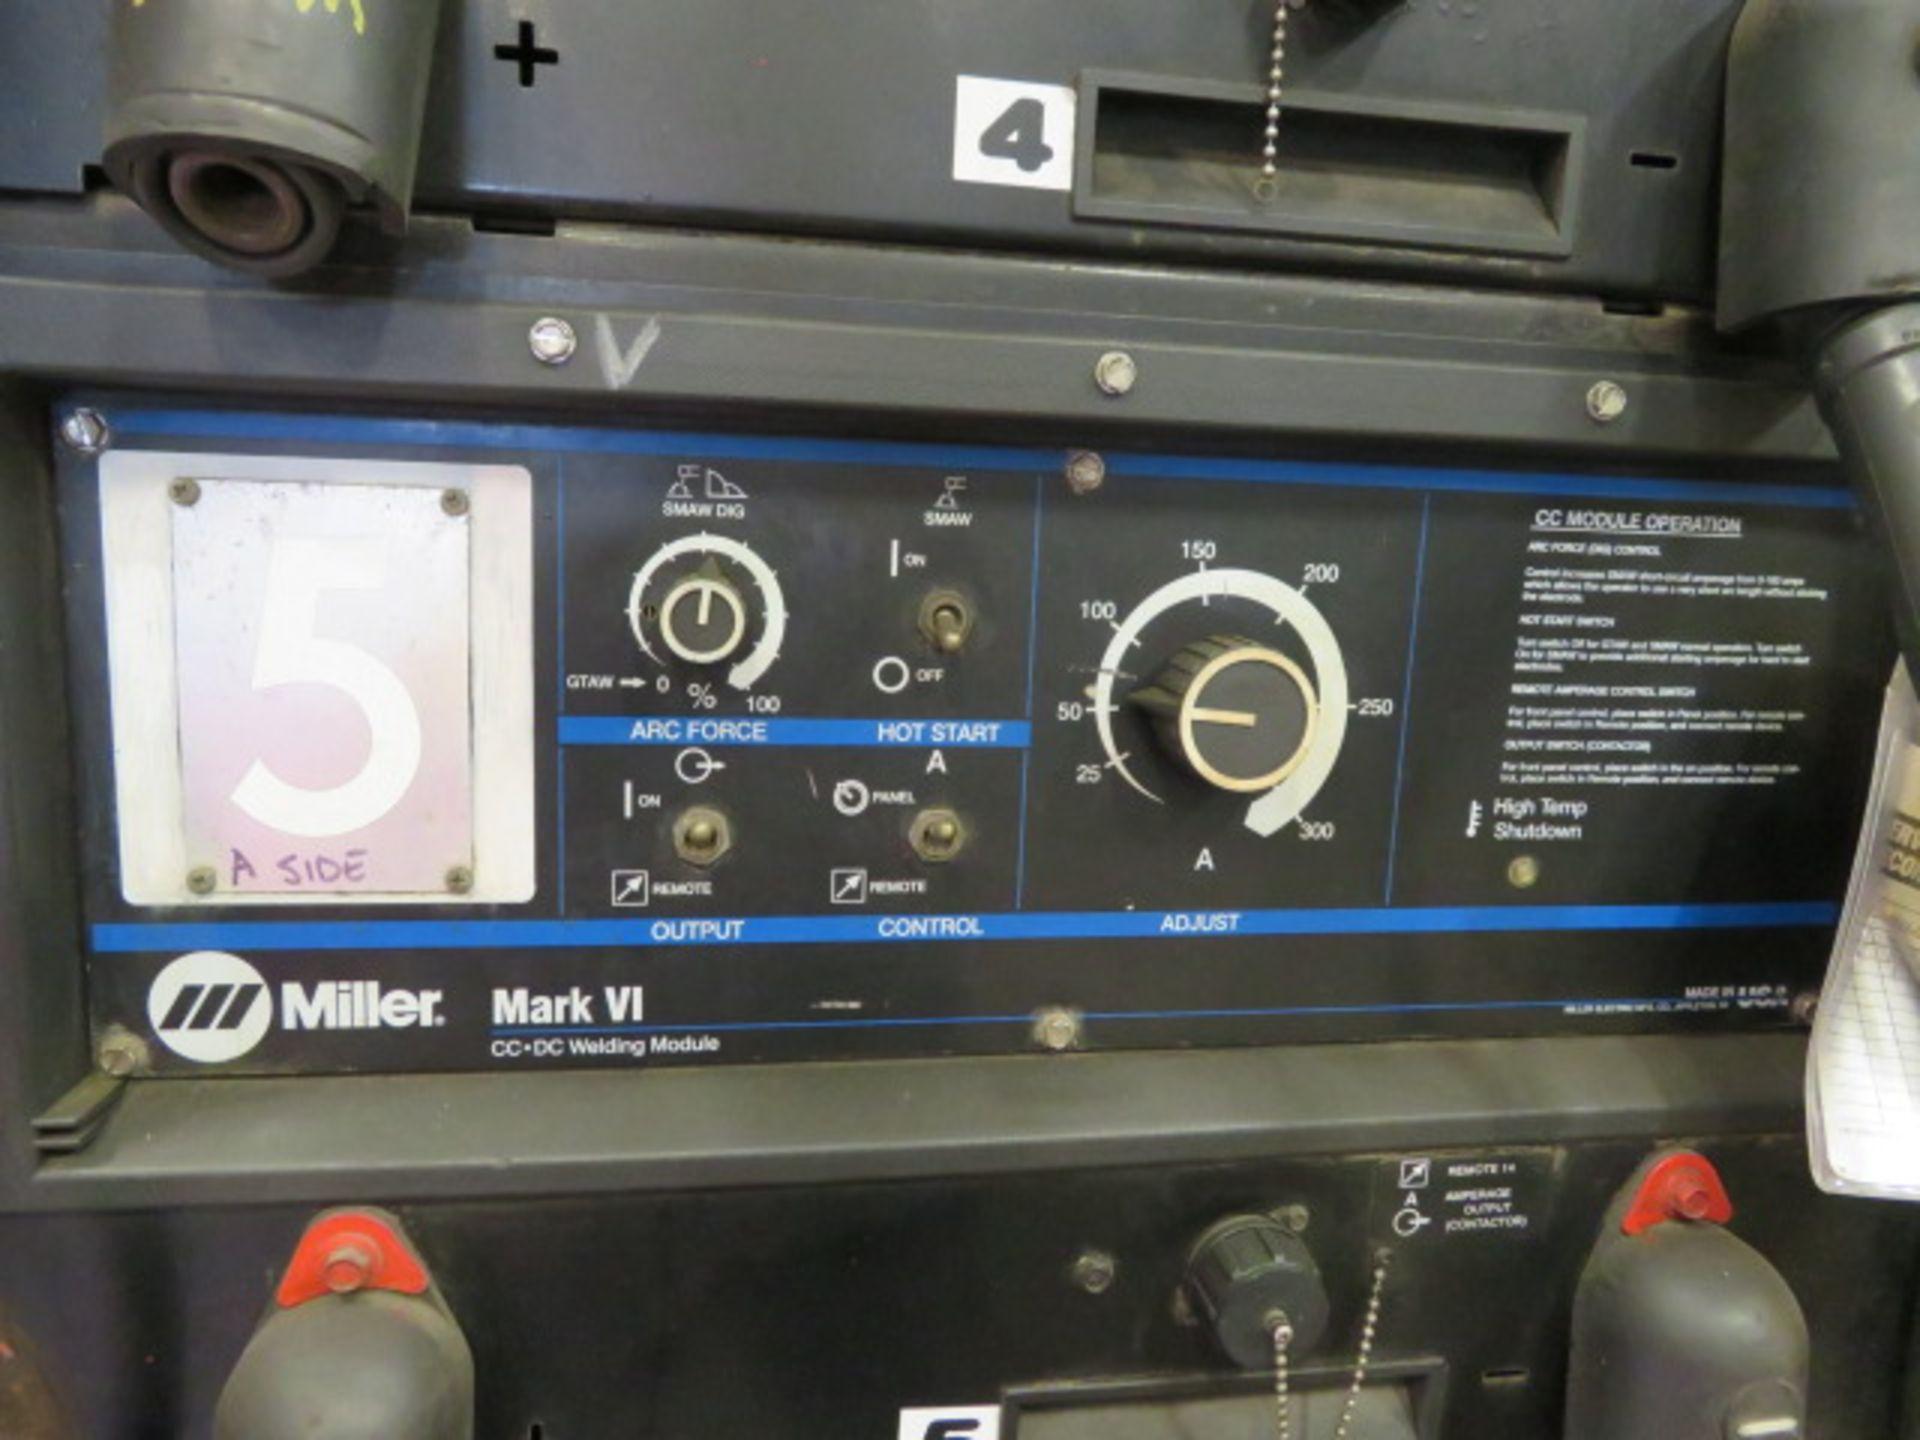 Lot 29 - 2000 VINTAGE MILLER MARK VI 6-MODULE WELDER